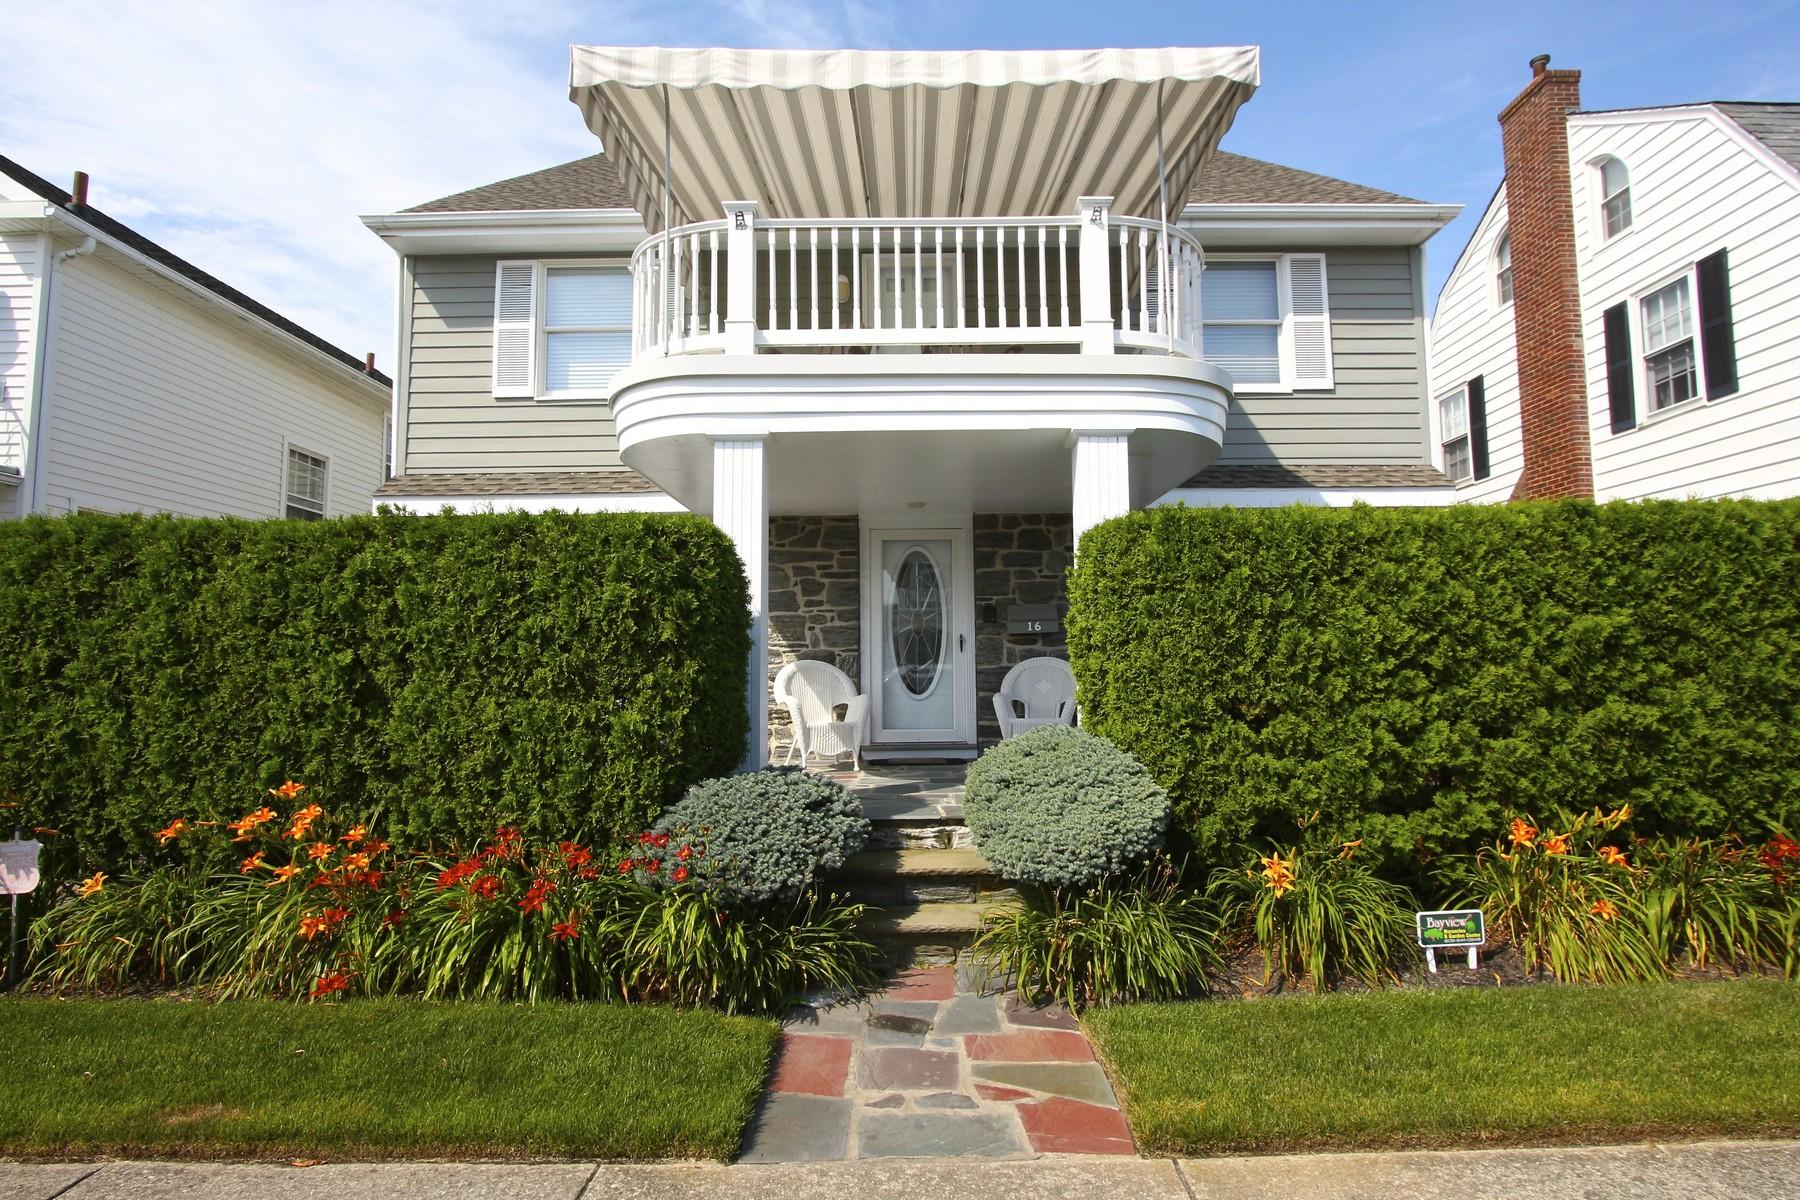 Maison unifamiliale pour l Vente à 16 S Thurlow 16 S Thurlow Avenue Southside Parkway Margate, New Jersey, 08402 États-Unis